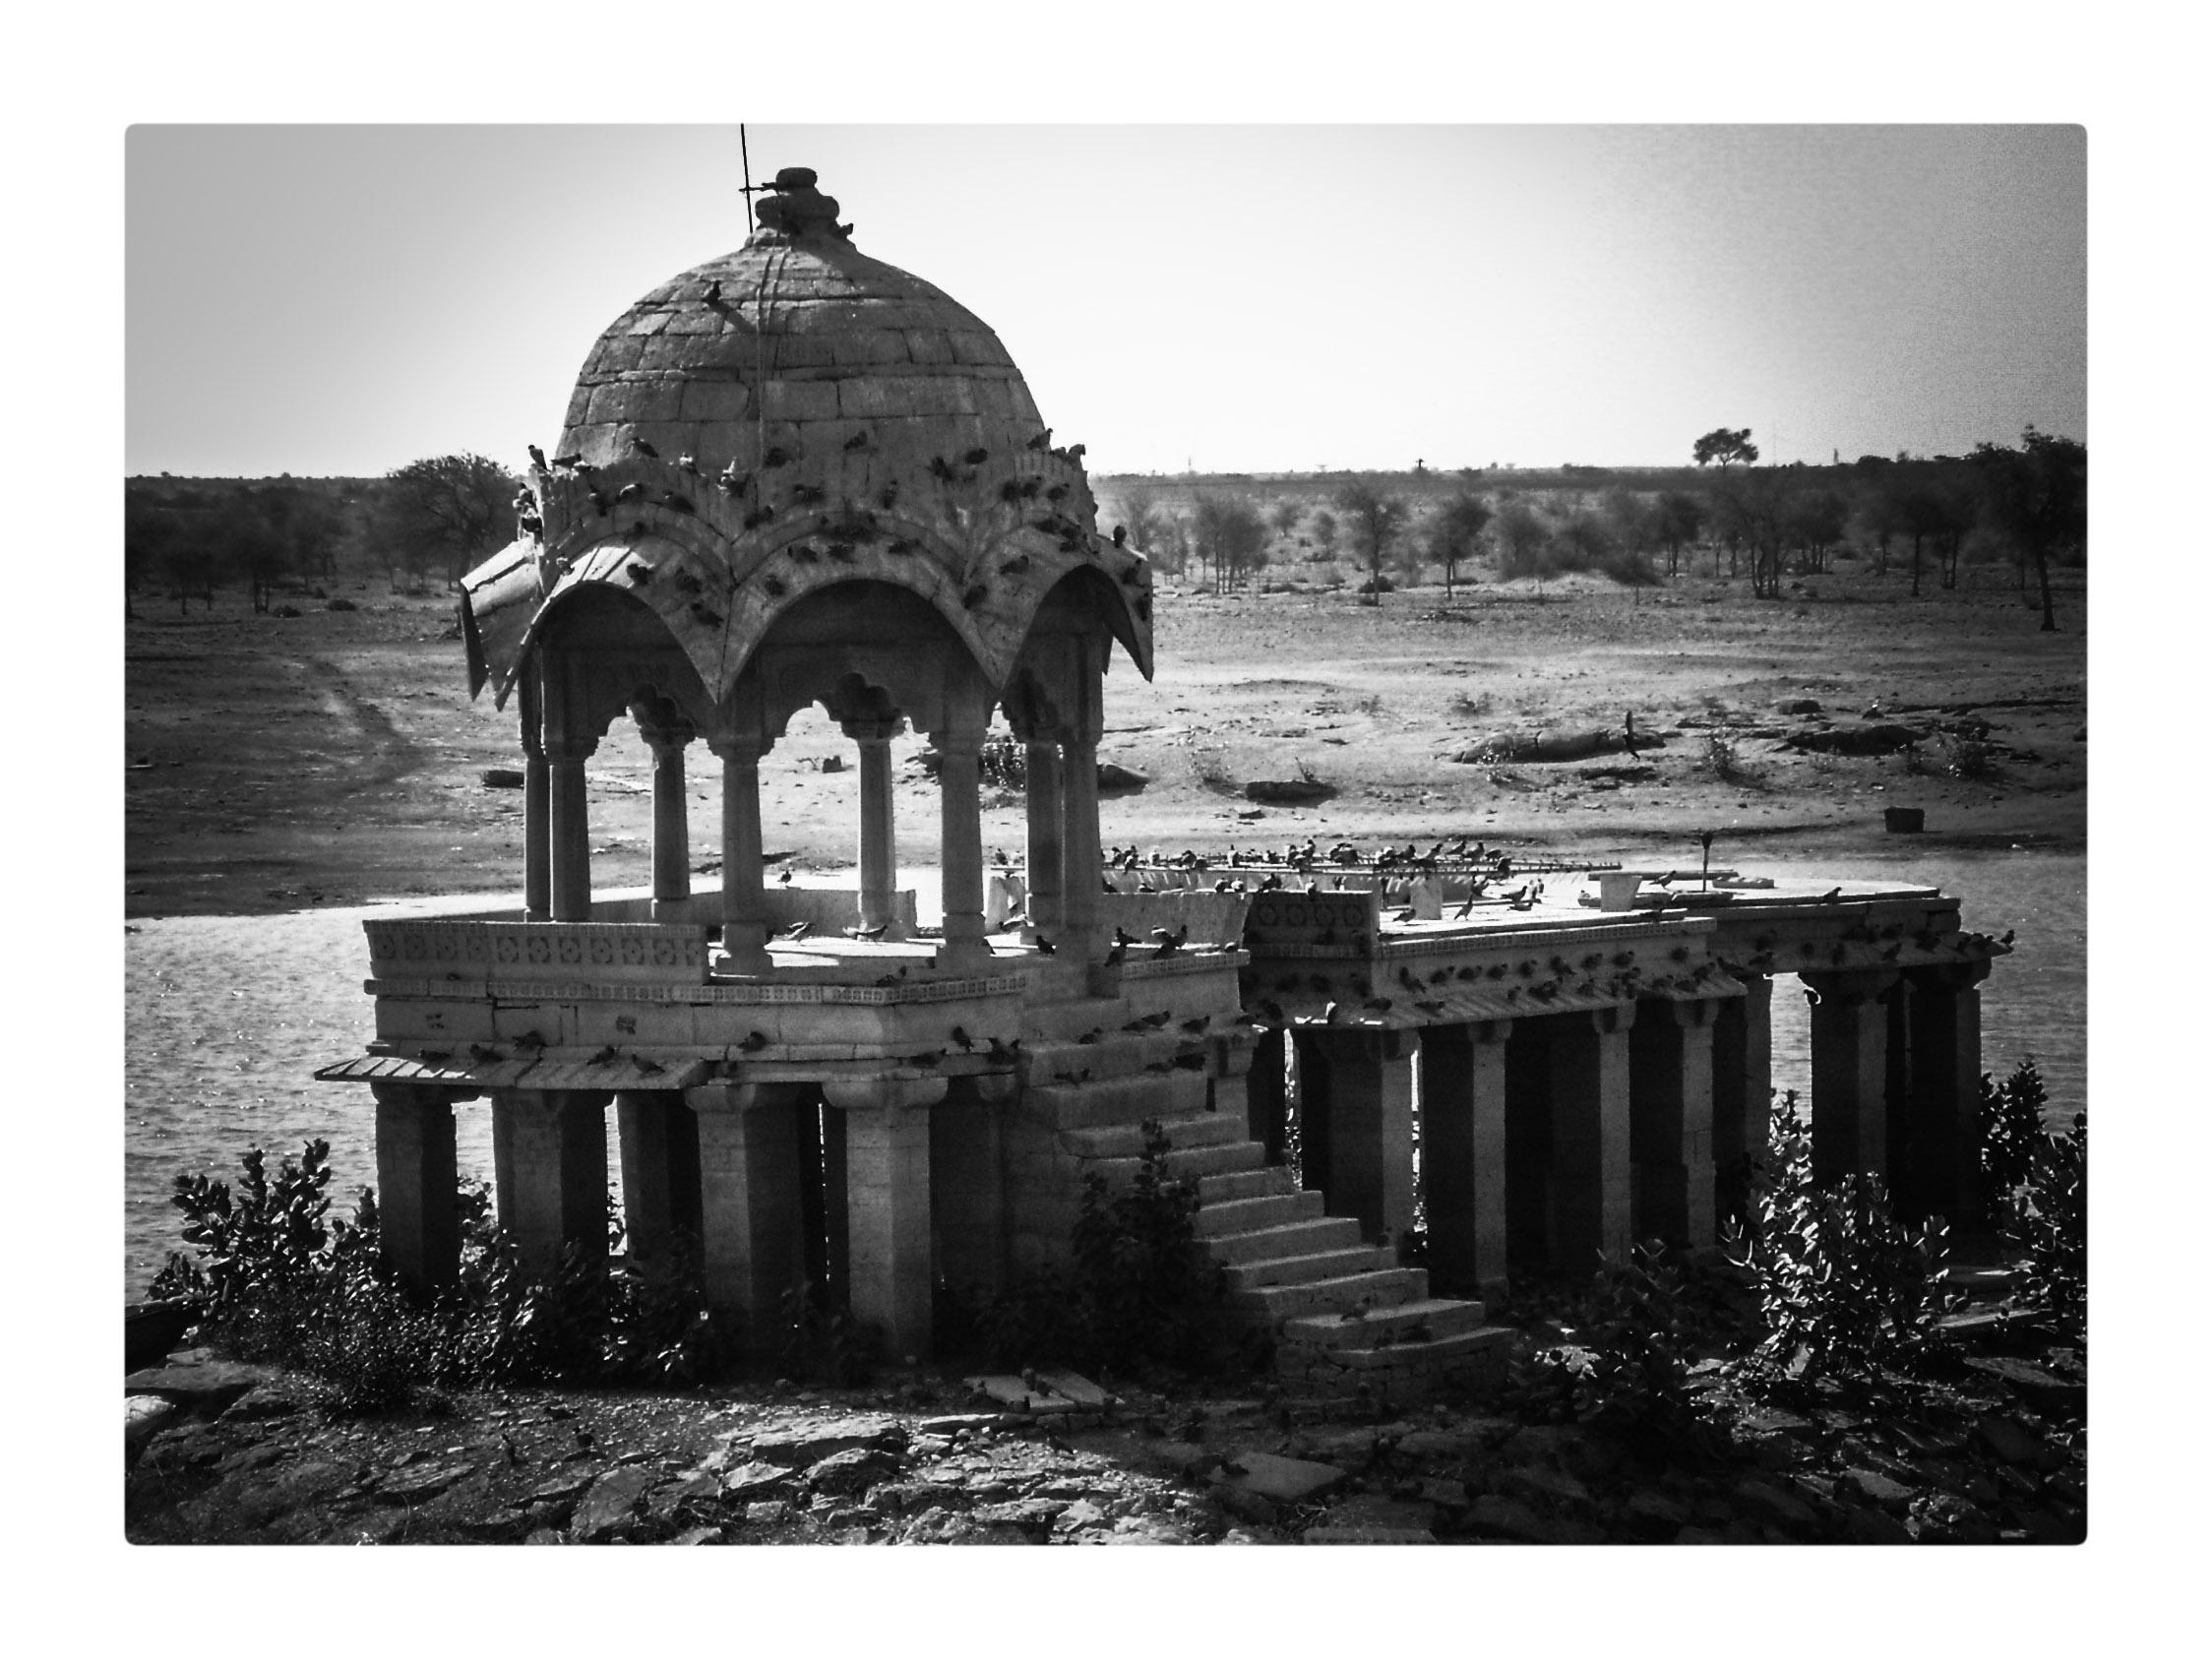 Jaisalmer Fort Monument